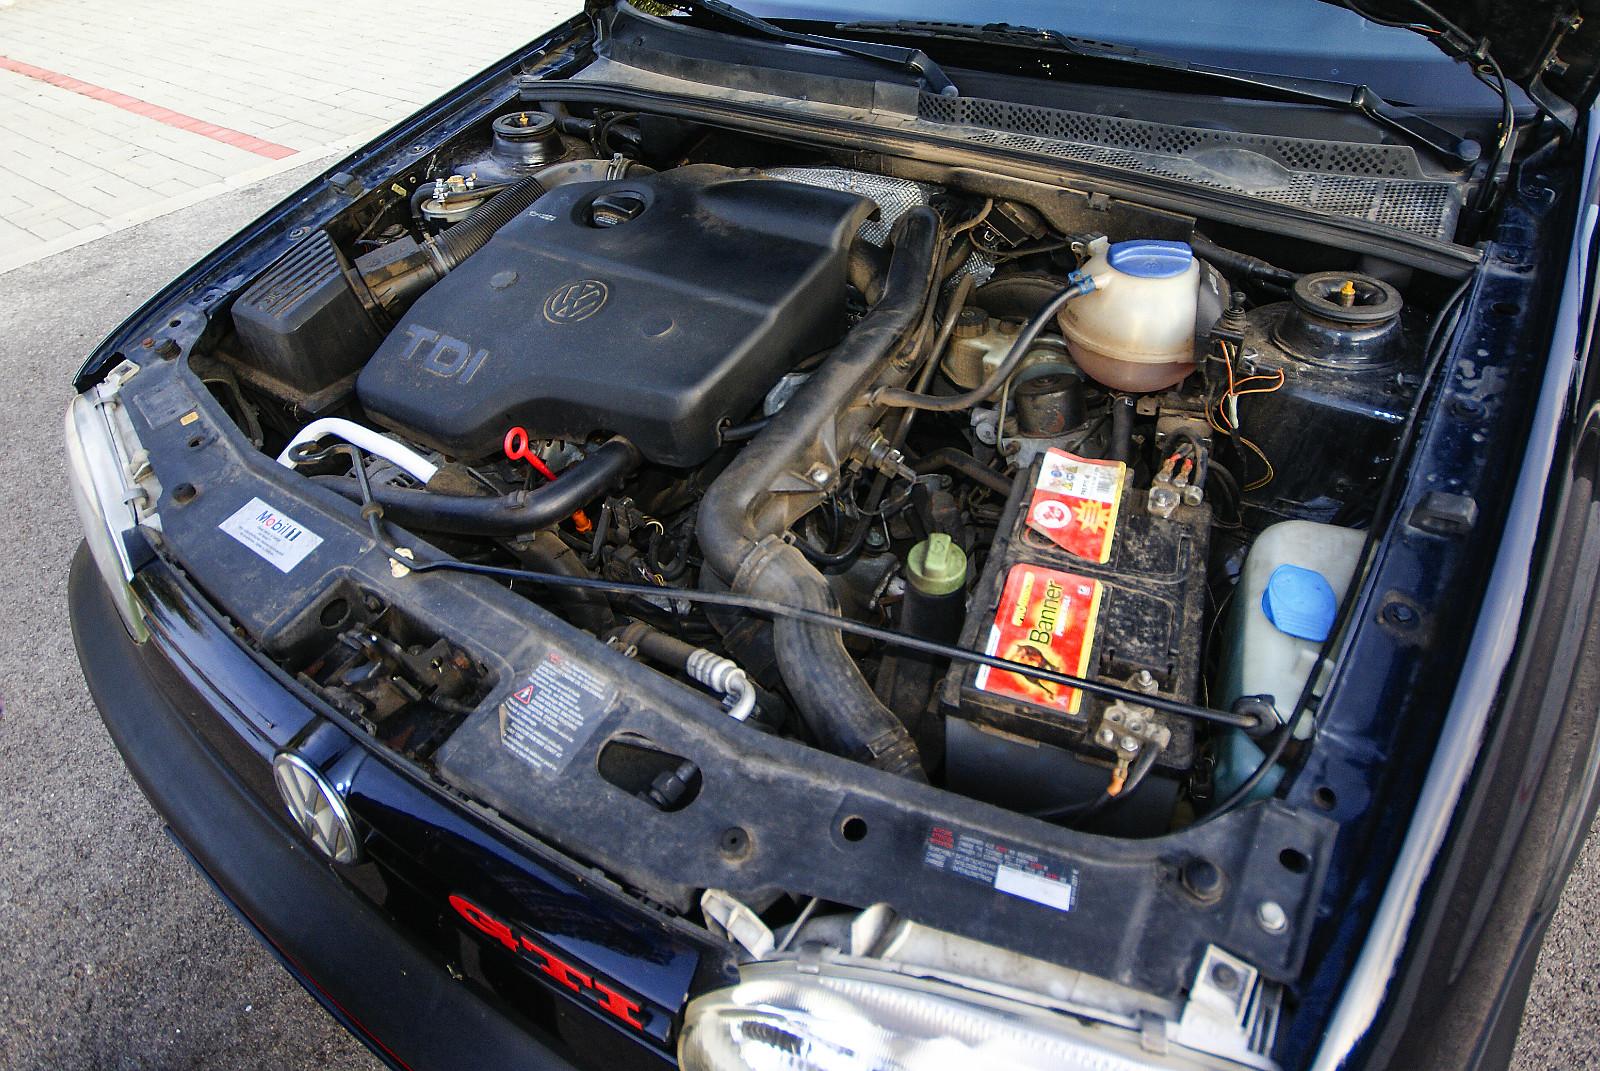 Csak karbantartást és megfelelő viszkozitású olajat kér az 1,9-es TDI